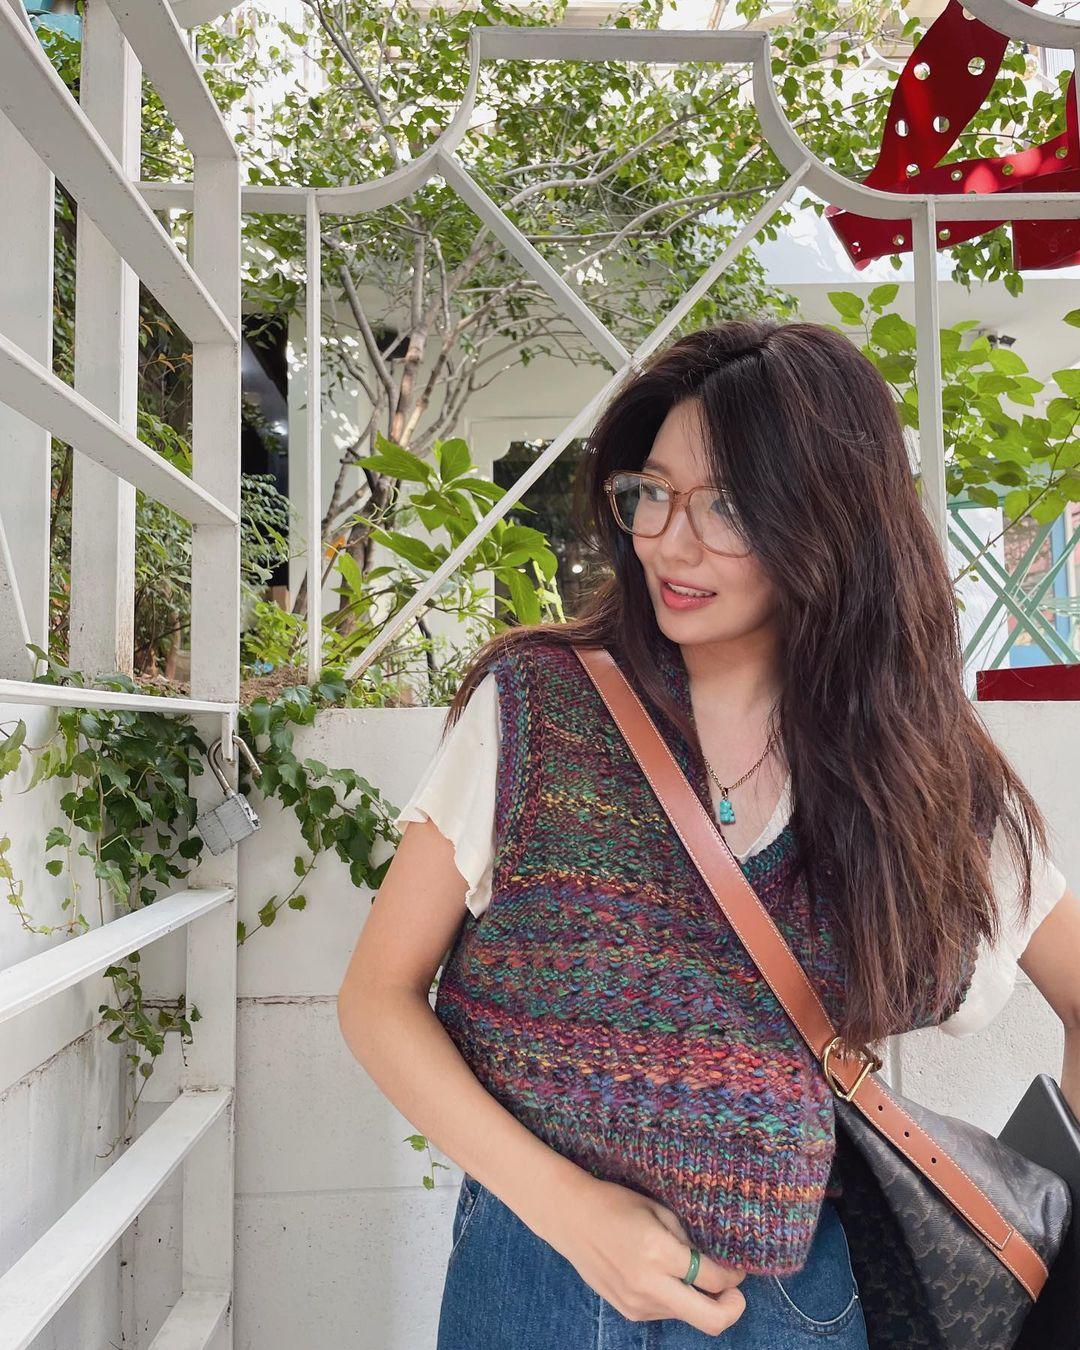 4 xu hướng nhuộm tóc mùa thu của sao Hàn: Toàn màu tôn da, thanh lịch hợp công sở - Ảnh 5